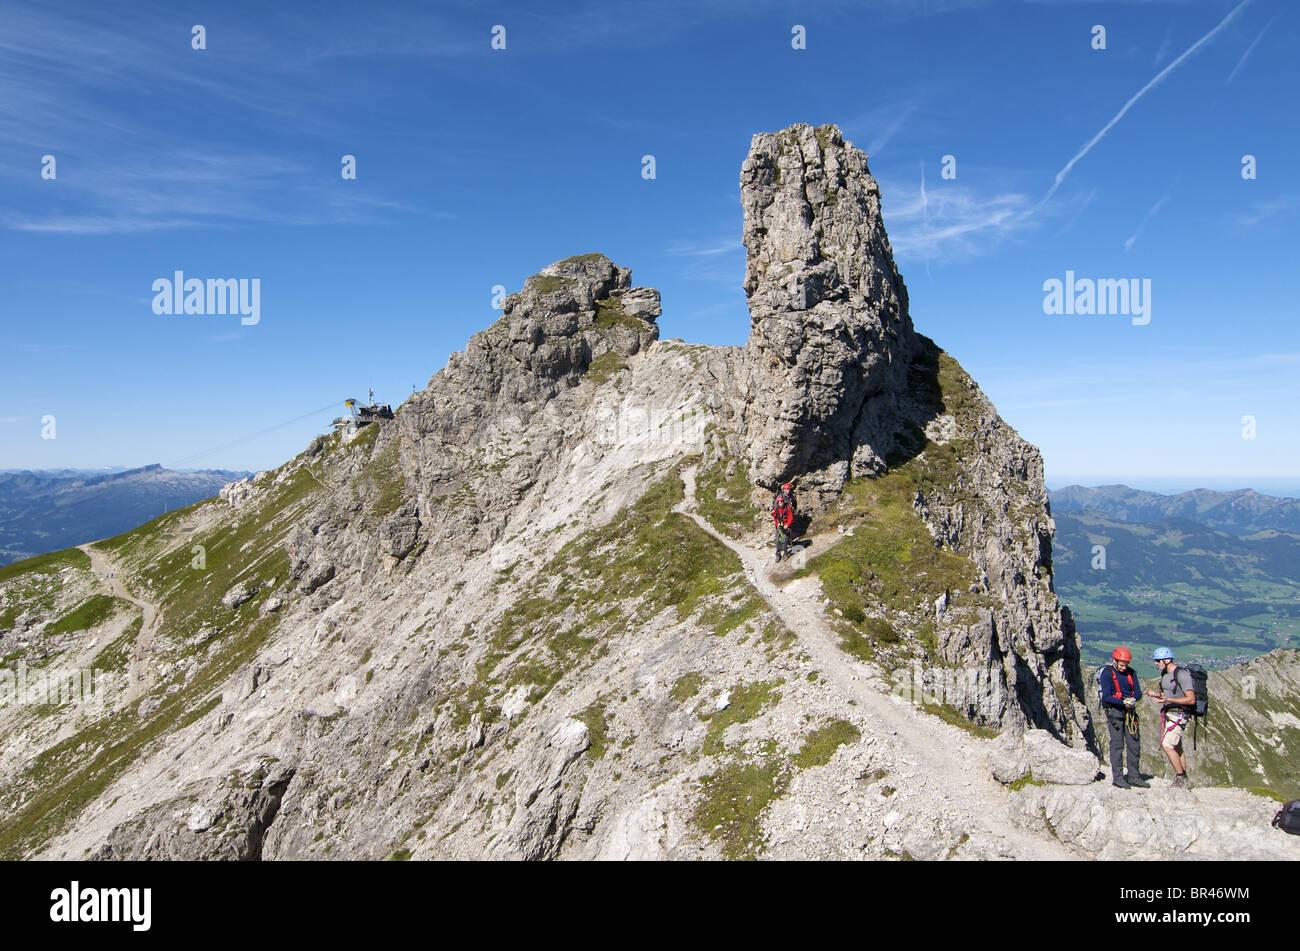 Klettersteig Bayern : Hindelanger klettersteig nebelhorn allgäuer alpen bayern